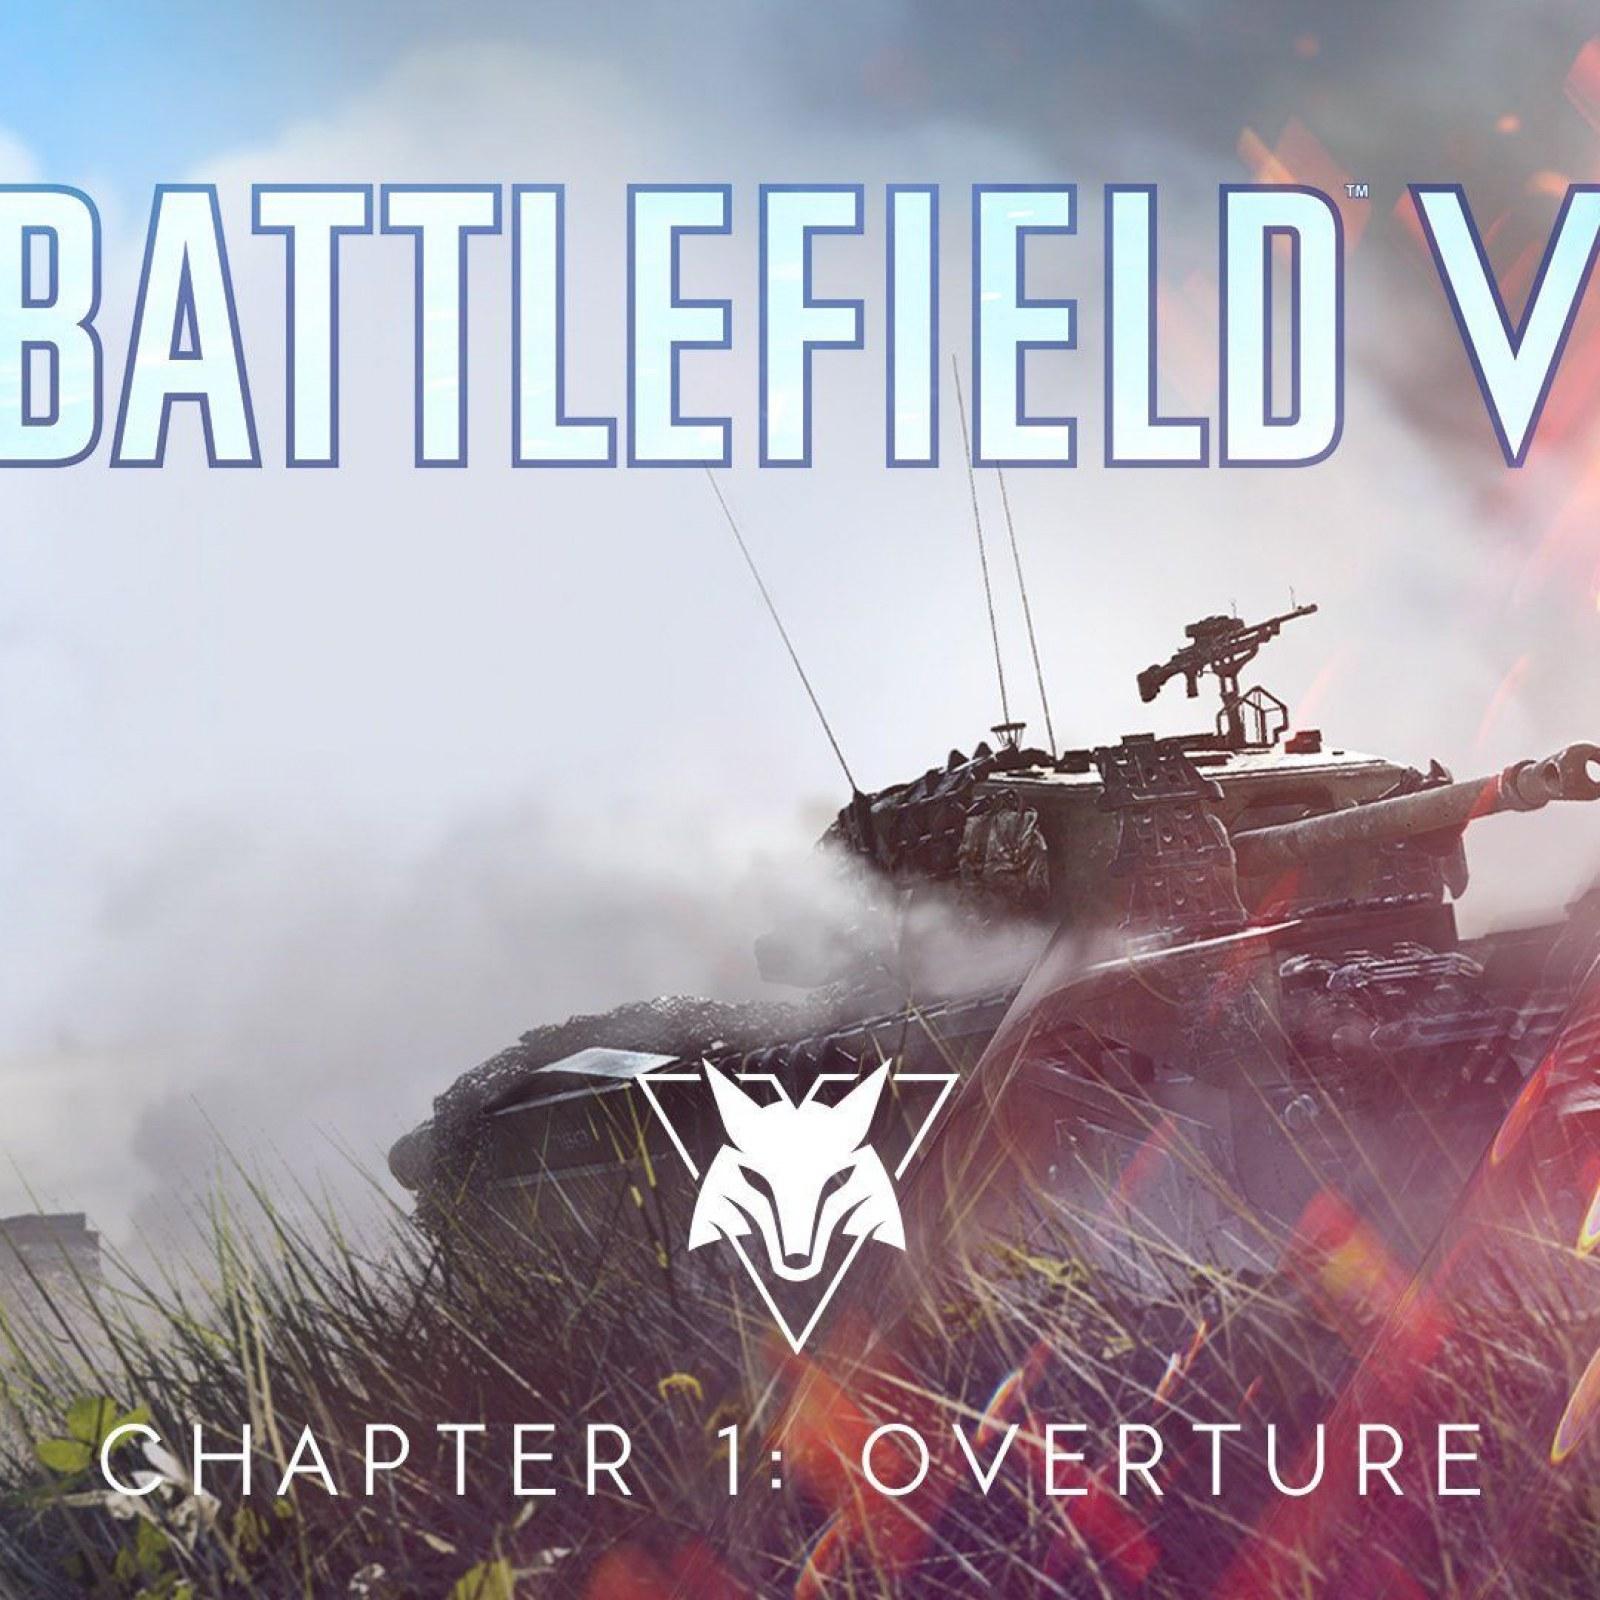 Battlefield 5' Update 1 04 Adds Overture DLC & Practice